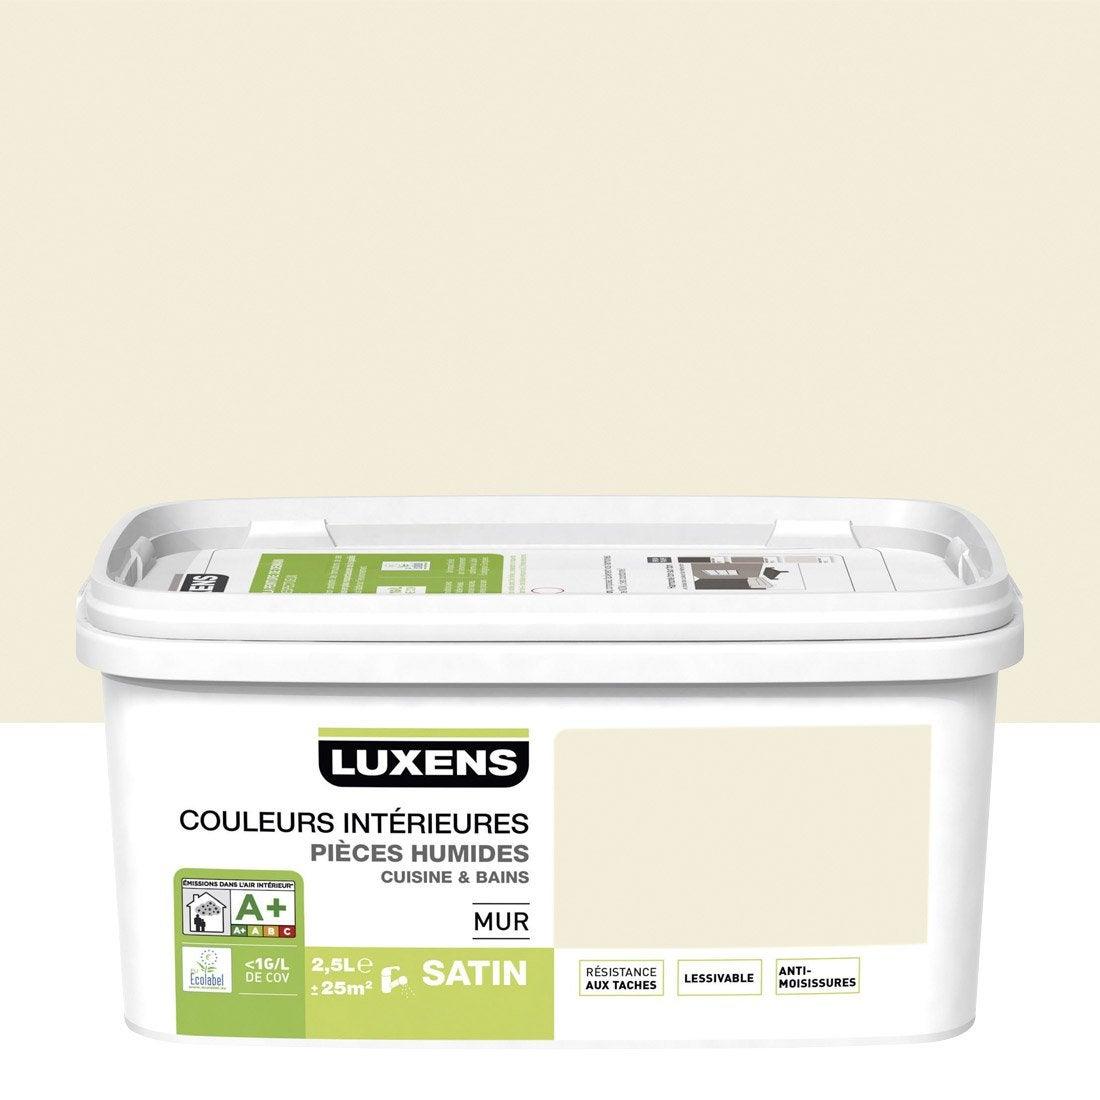 http://s2.lmcdn.fr/multimedia/331400451879/15da653763e42/produits/peinture-cuisine-et-bains-luxens-couleurs-interieures-blanc-ivoire-n-1-2-5-l.jpg